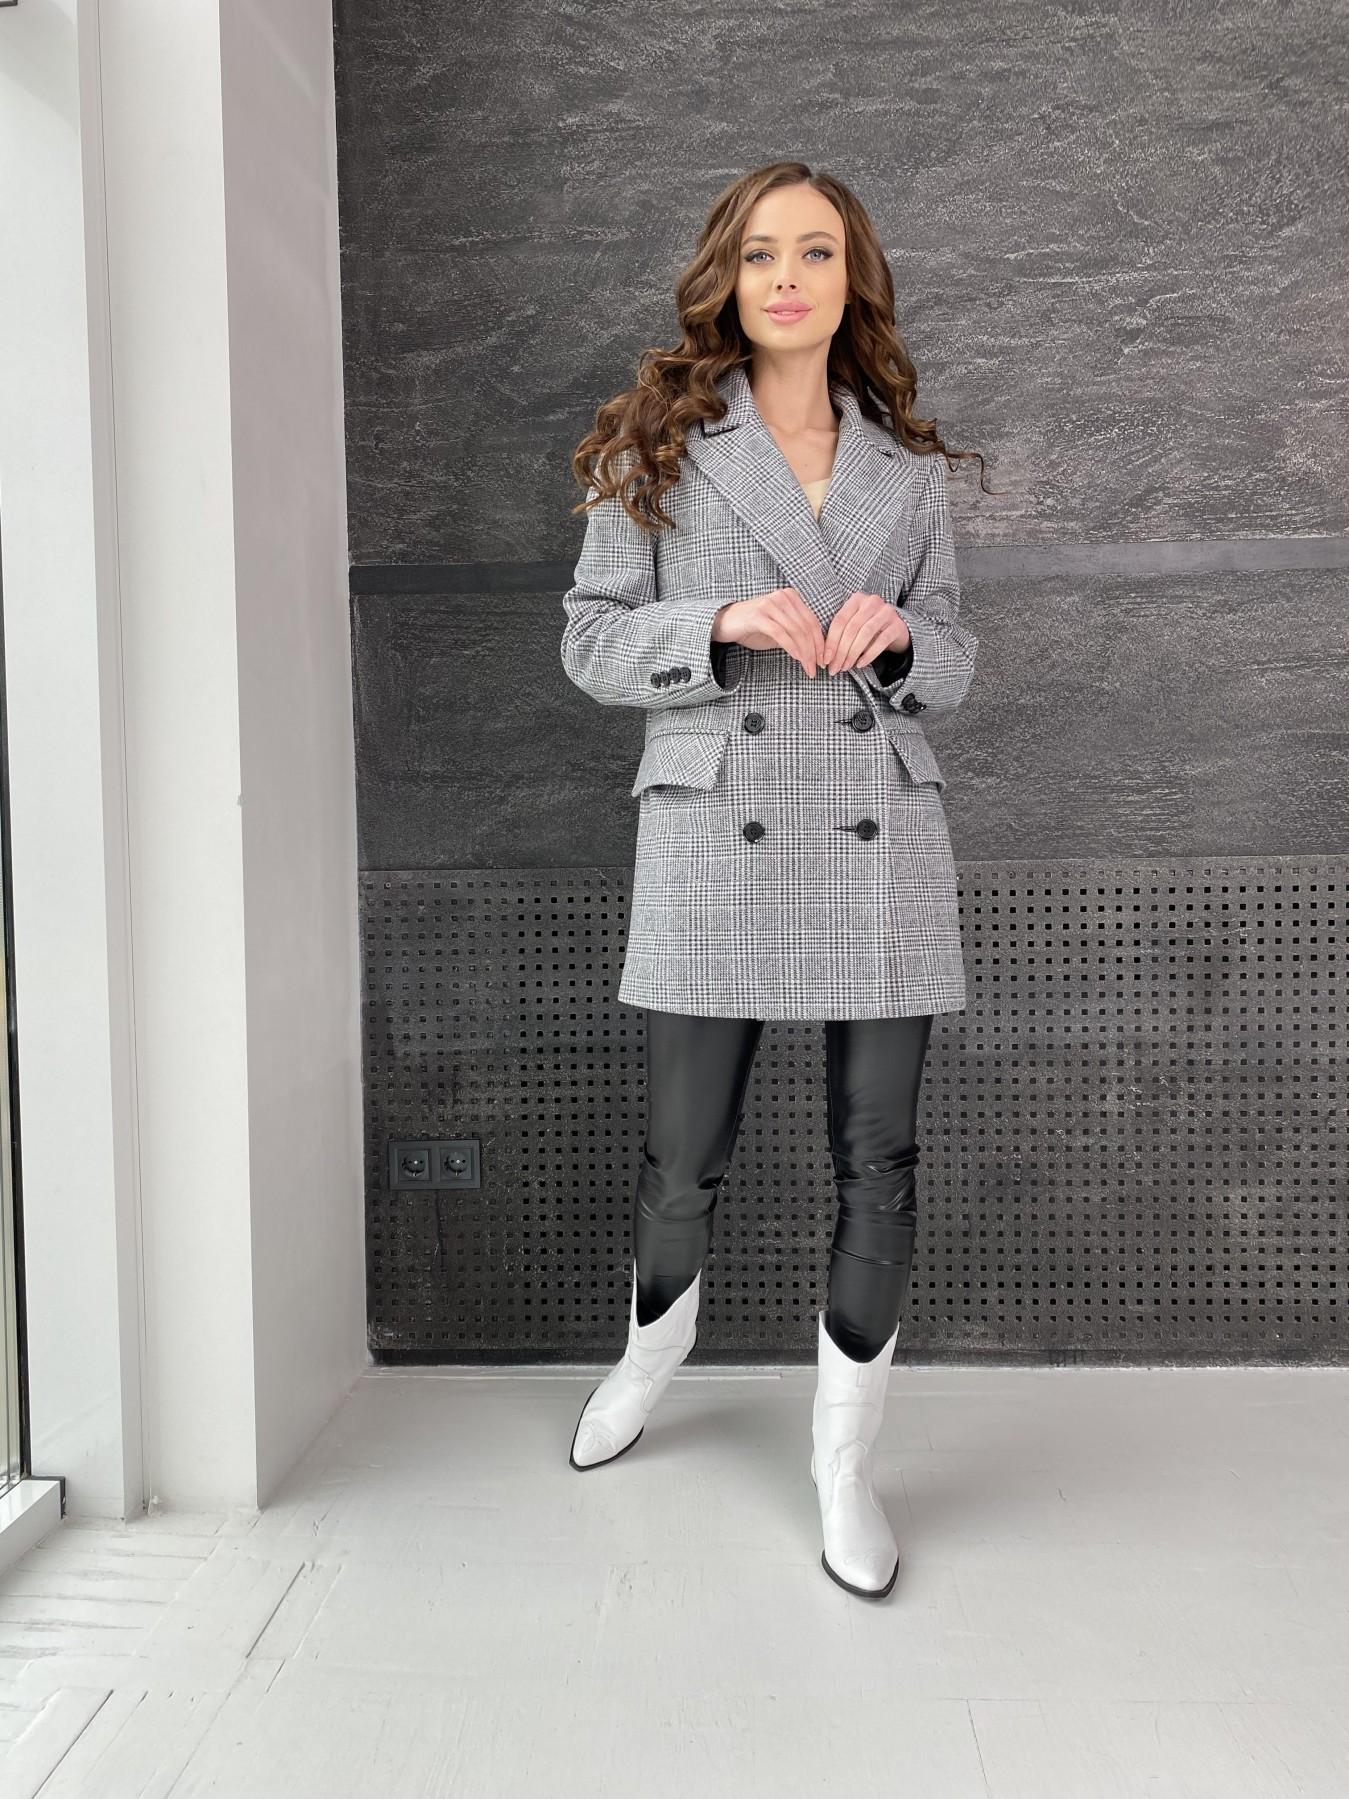 Лофтпальто-жакет из плотного трикотажа 10829 АРТ. 47310 Цвет: Клетка комби, Серый - фото 3, интернет магазин tm-modus.ru